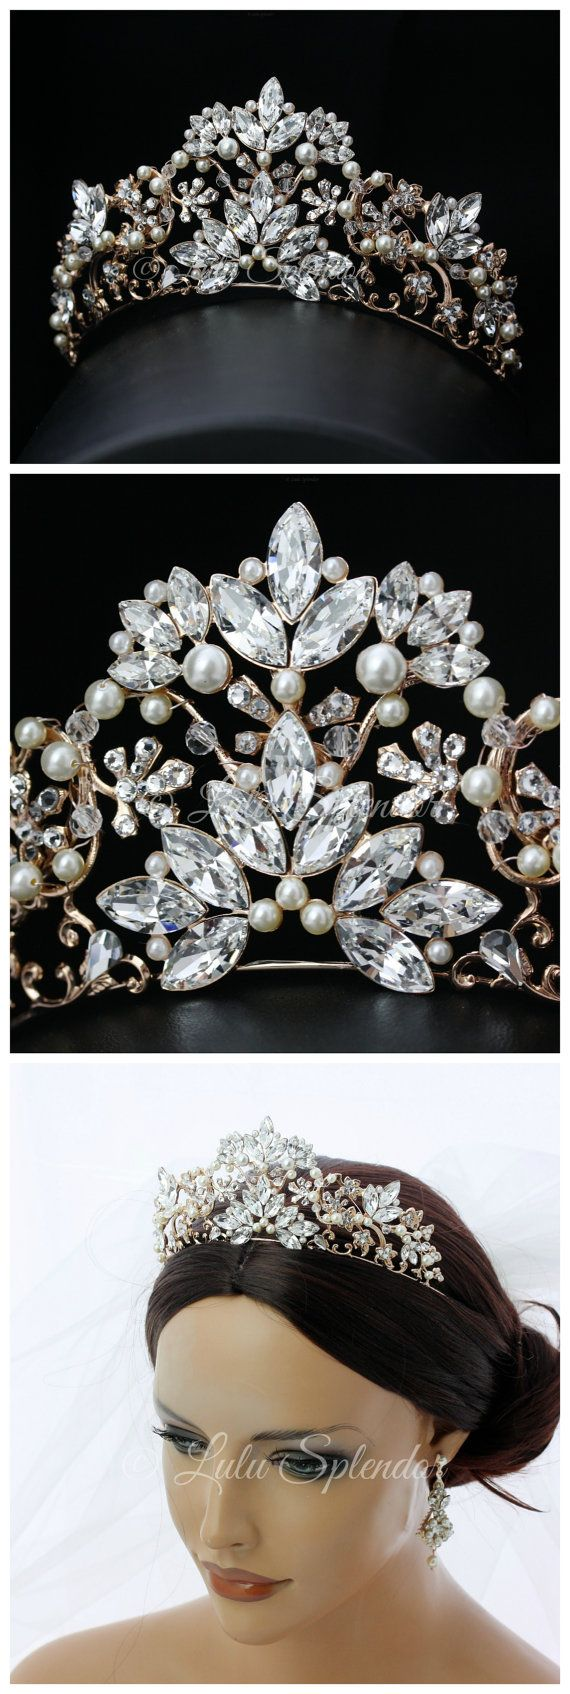 Bridal Tiara Rose Gold Wedding Tiara Swarovski Crystal Crown Tiara Wedding Bridal Tiara Headpiece SIAN